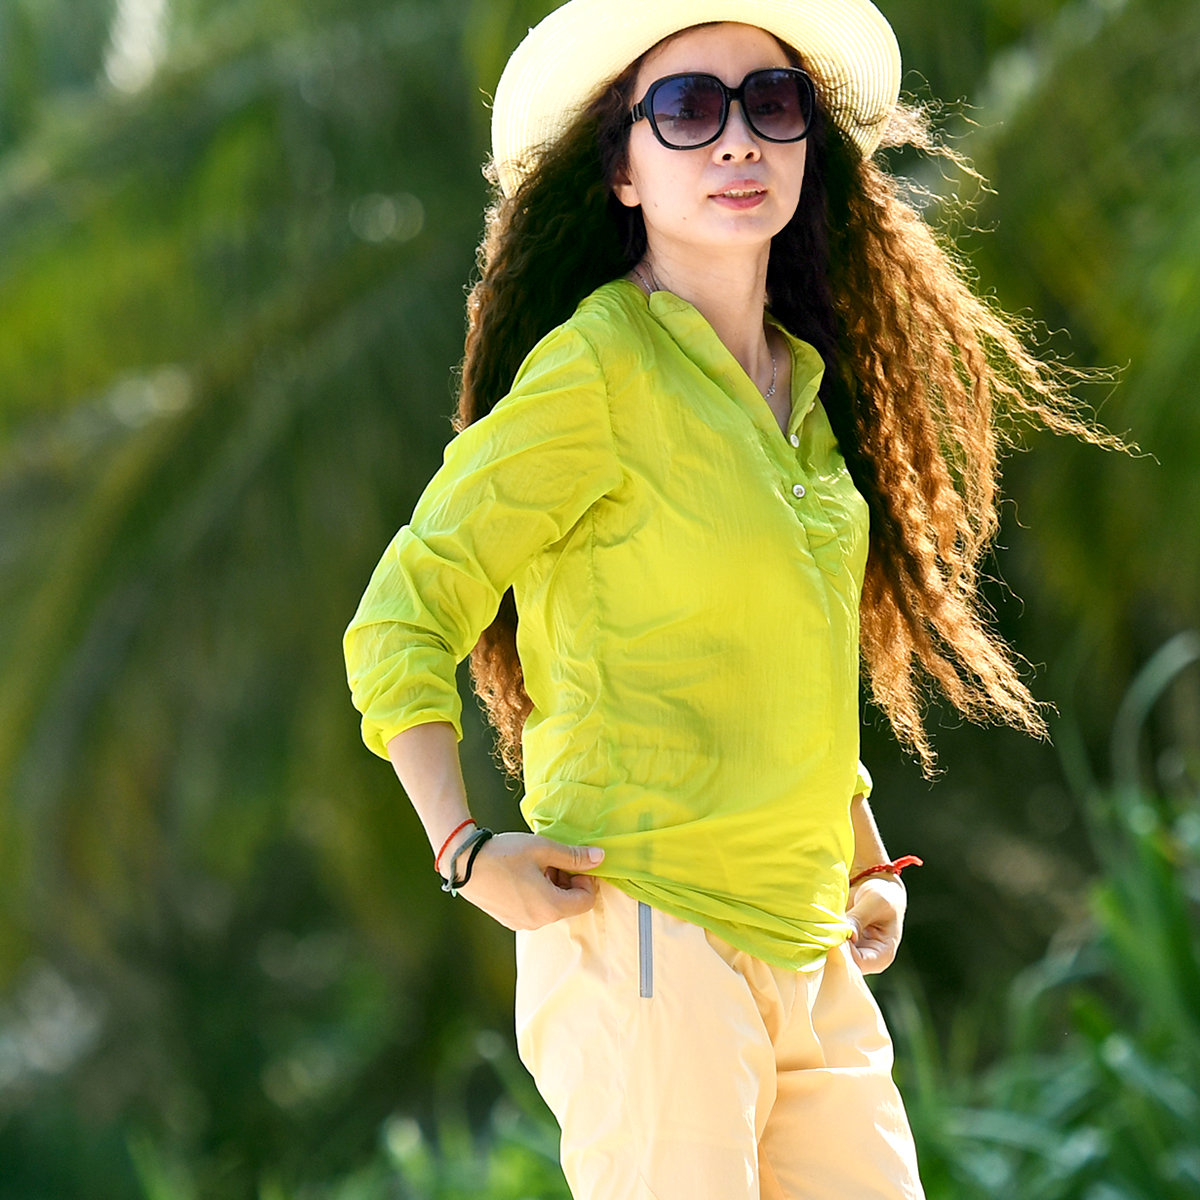 Пекин лес на открытом воздухе лето хеджирование кожа одежда защита от ультрафиолетовых лучей легкий дышащий быстросохнущие тонкий женский